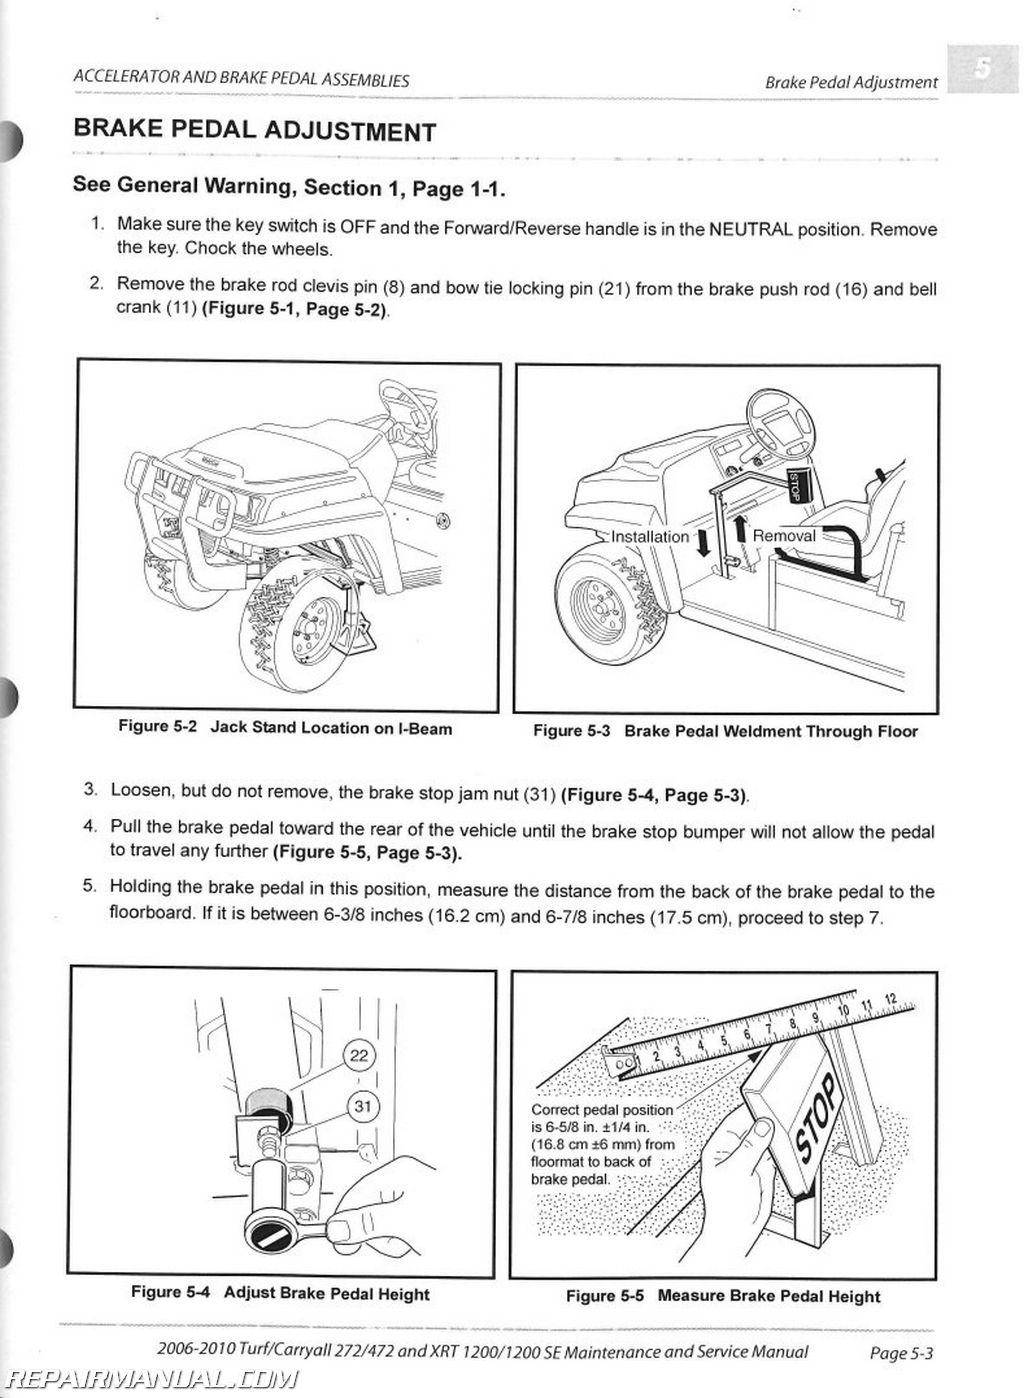 94 Club Car Golf Cart Wiring Diagram 2006 2010 Club Car Turf Carryall 272 472 Xrt1200 Se Turf